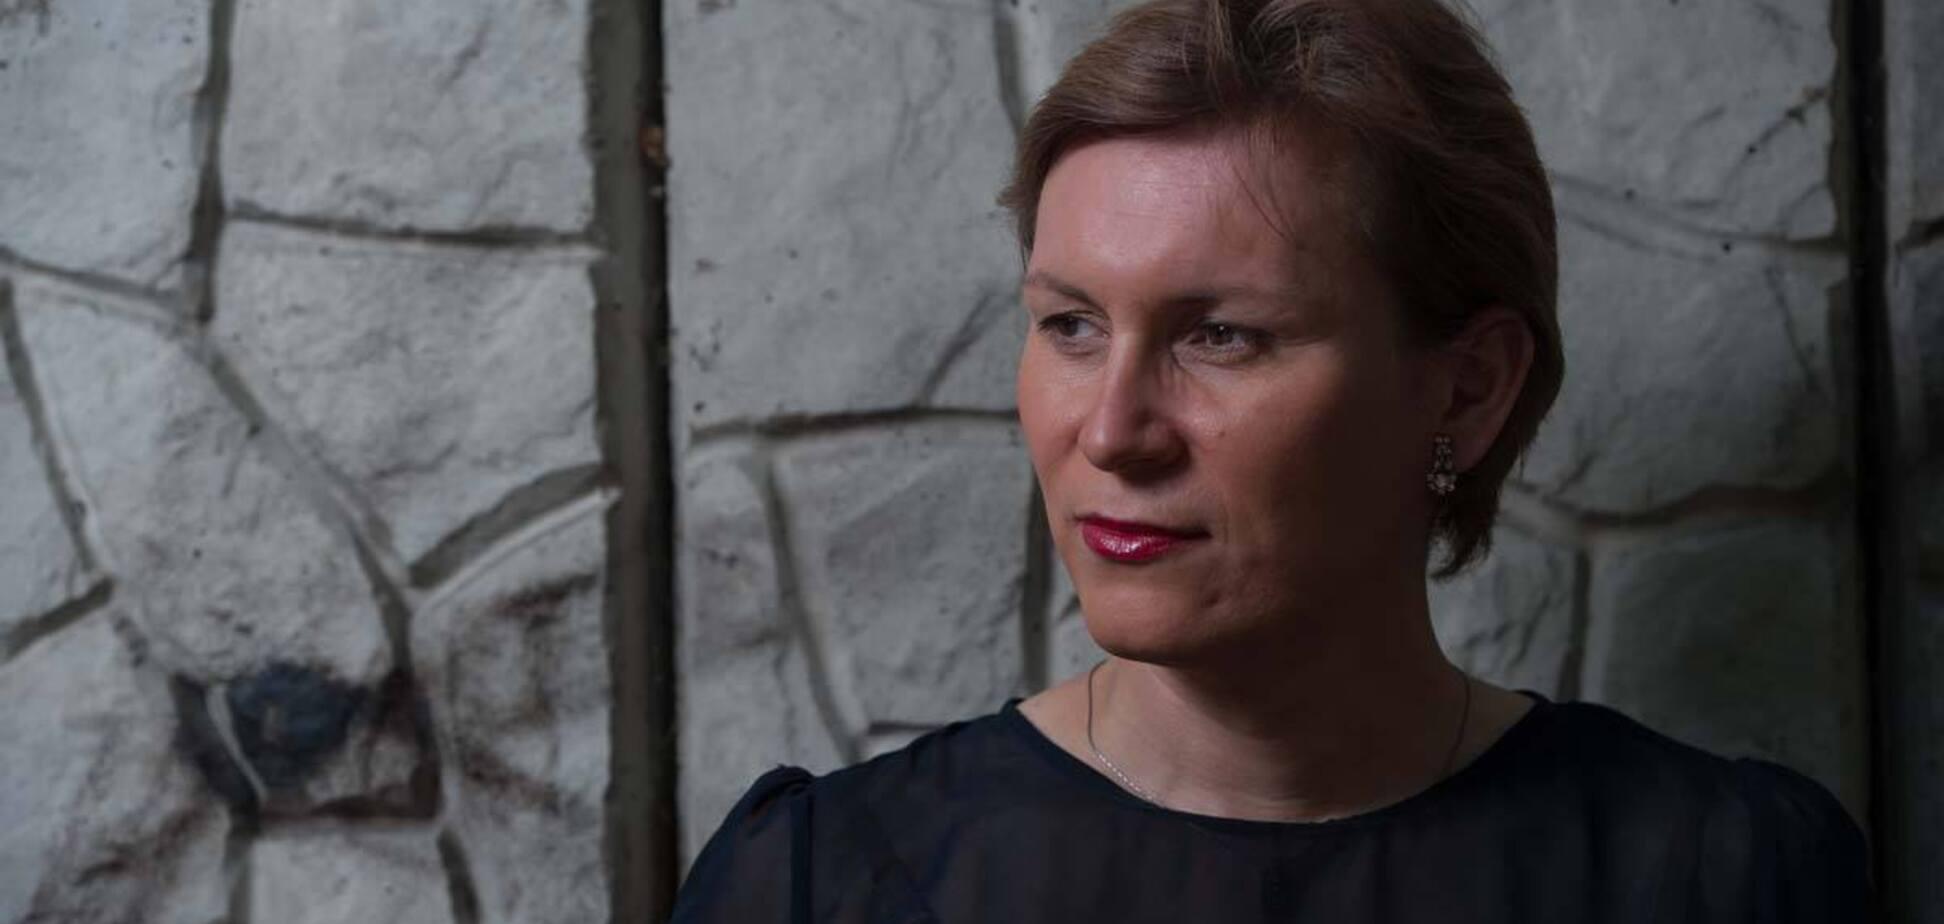 'Все хорошо, вот только я – трансгендер': история борьбы за право быть женщиной в Украине